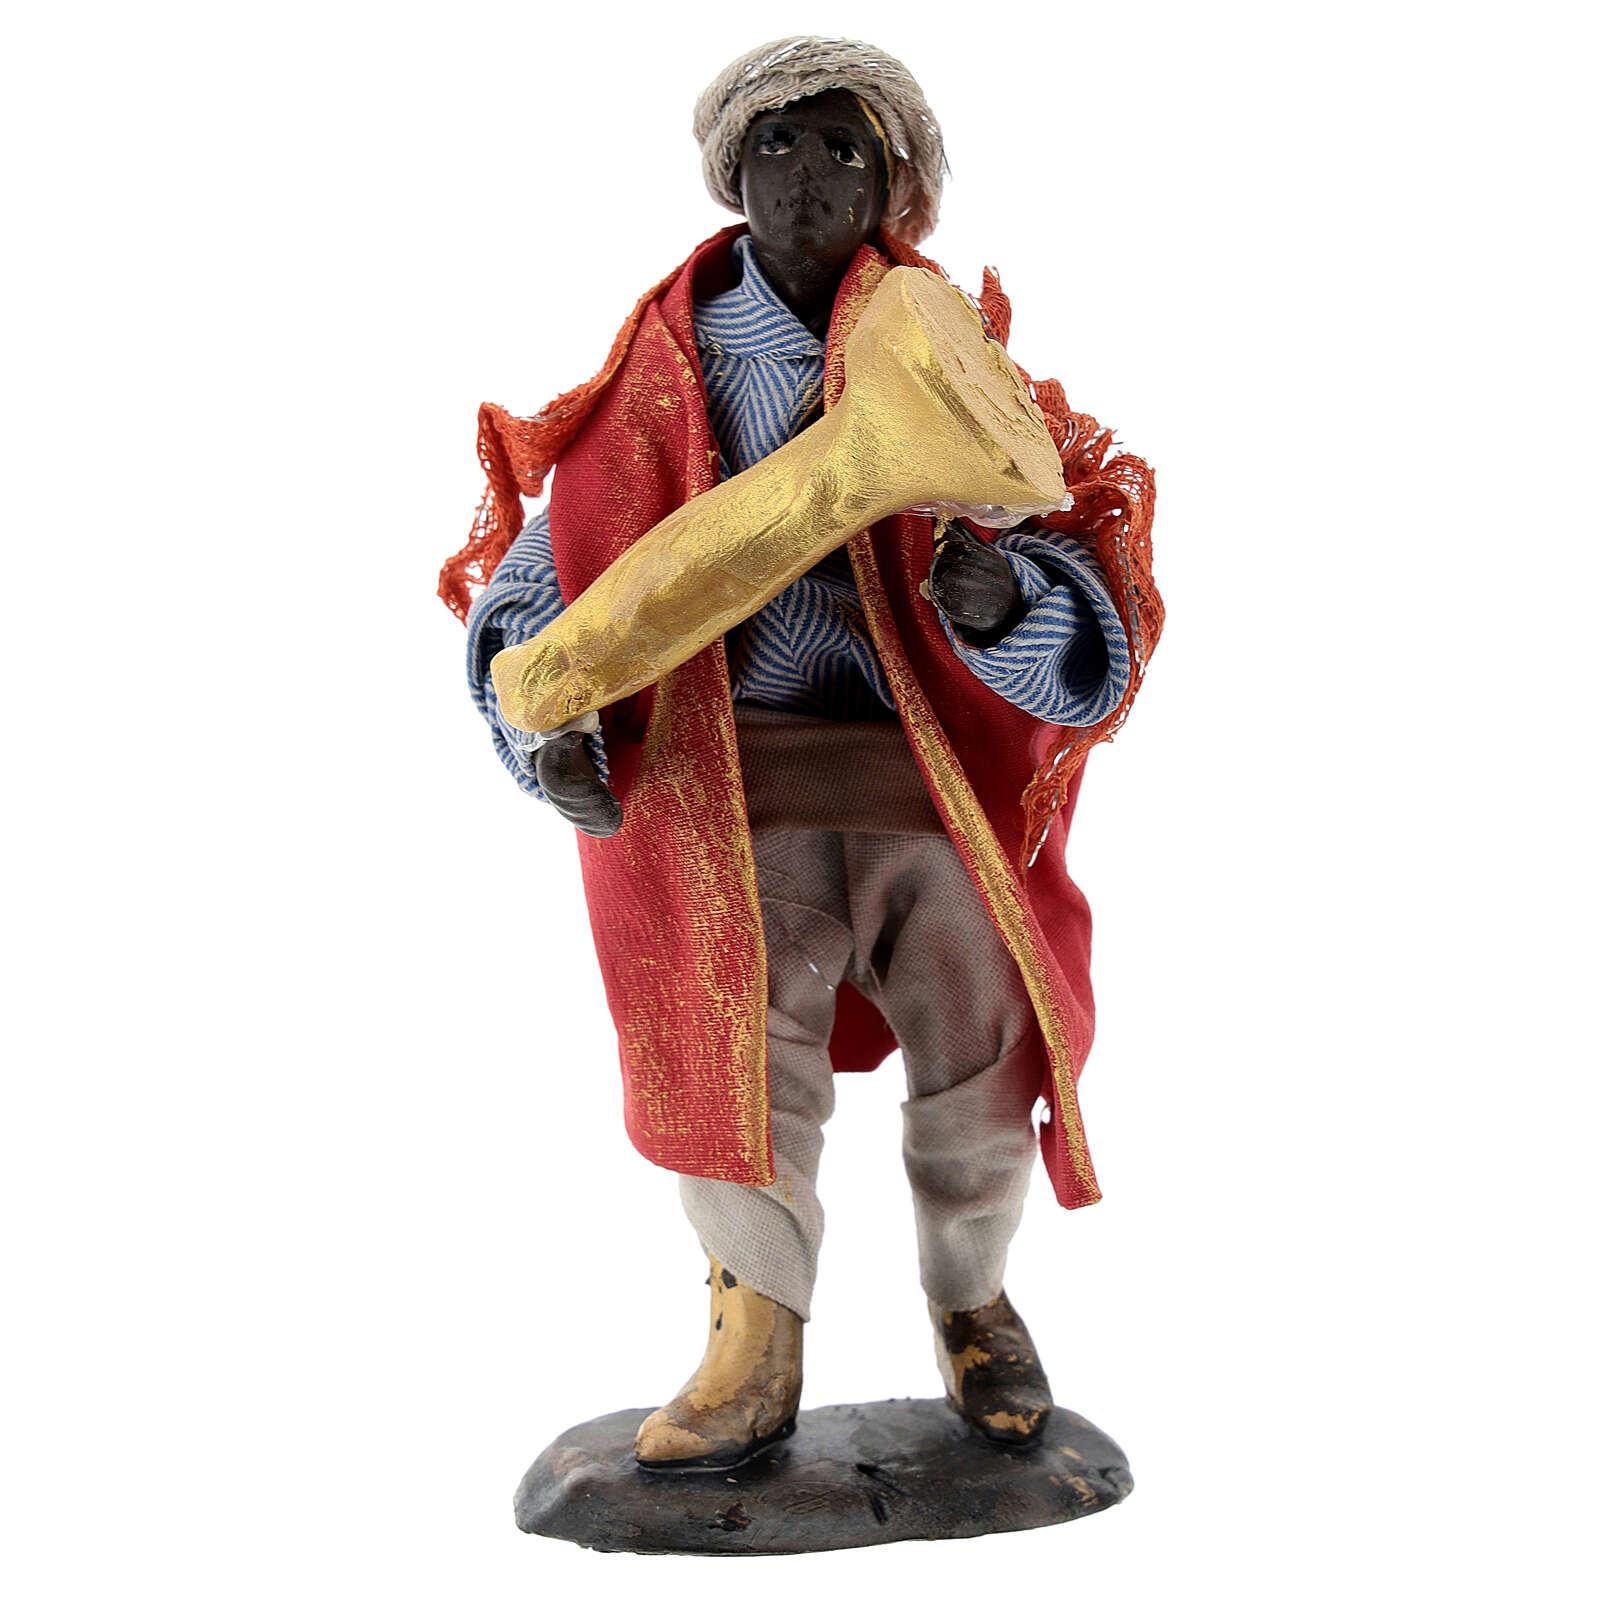 Suonatore tromba statua terracotta 12 cm presepe napoletano 4